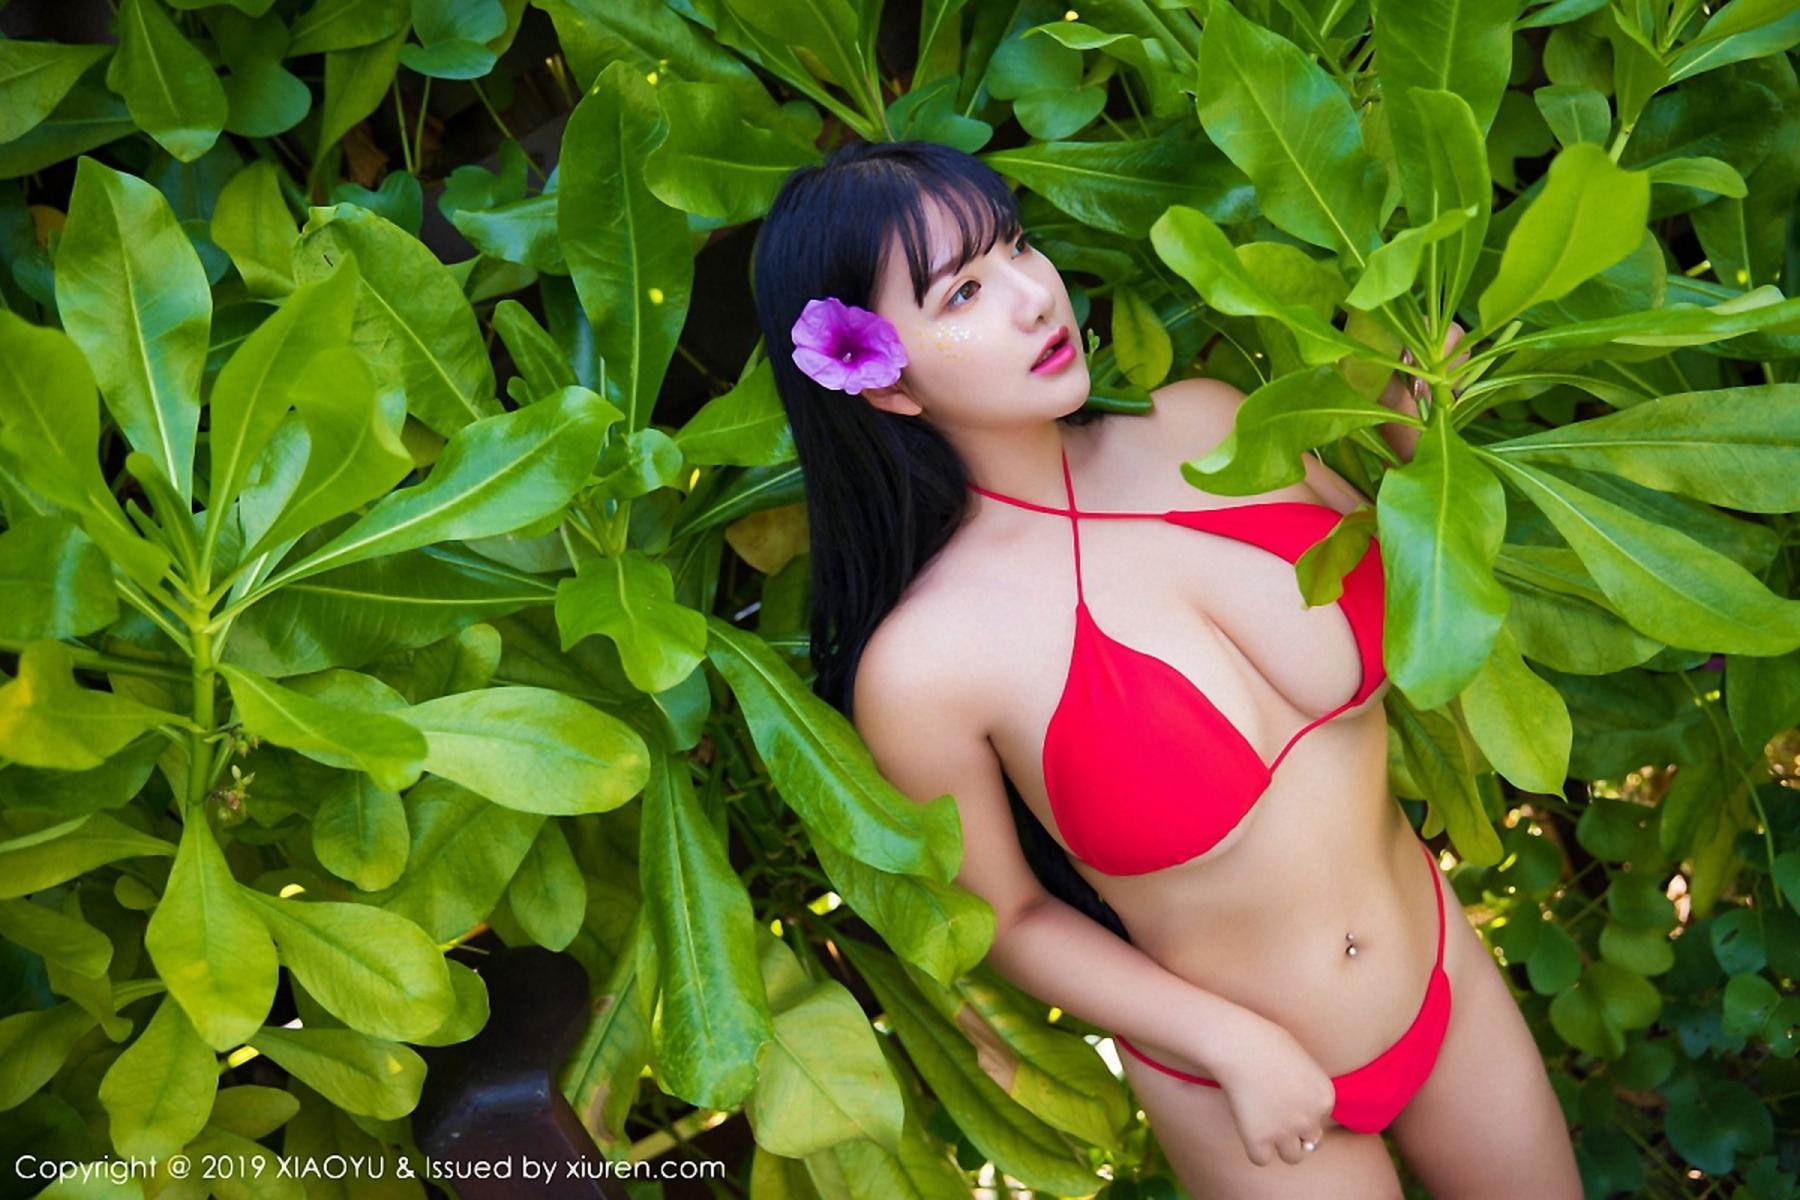 [XiaoYu] Vol.029 Lu Lu Xiao Miao 18P, Bikini, Lu Lu Xiao Miao, Wet, XiaoYu